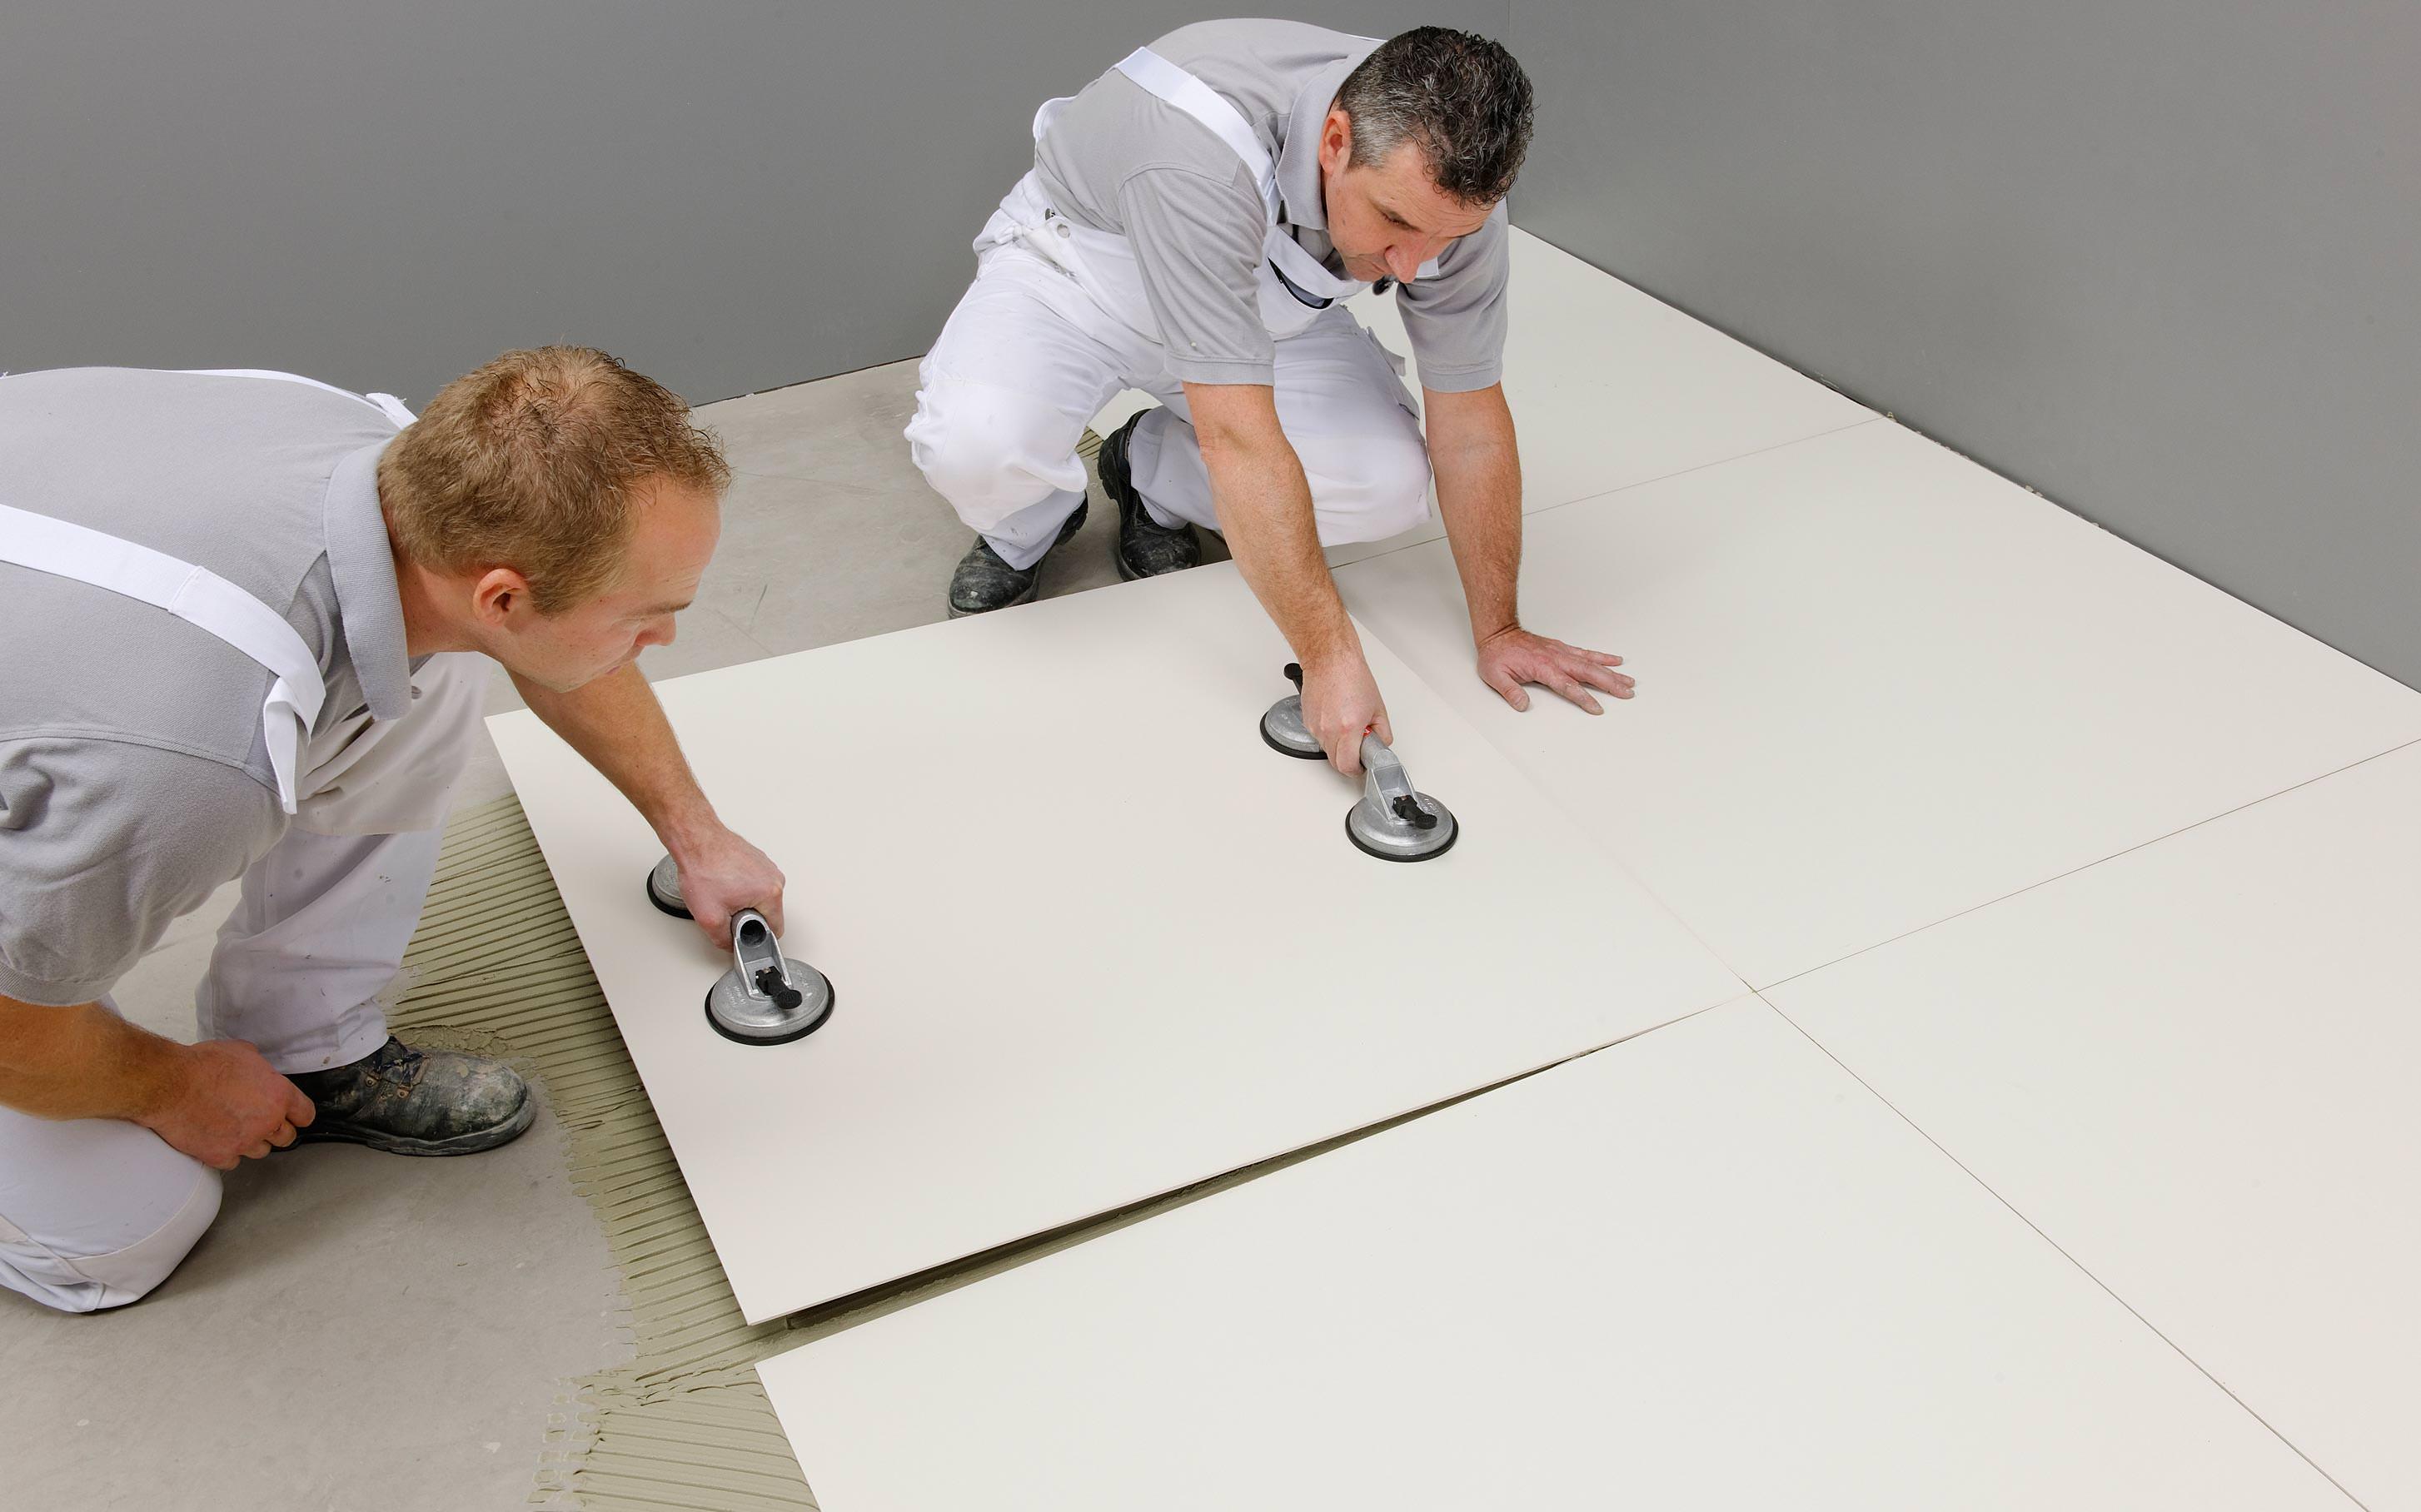 Fußboden Grundieren Fliesen ~ Neue grundierung für die verlegung von großformatigen fliesen auf